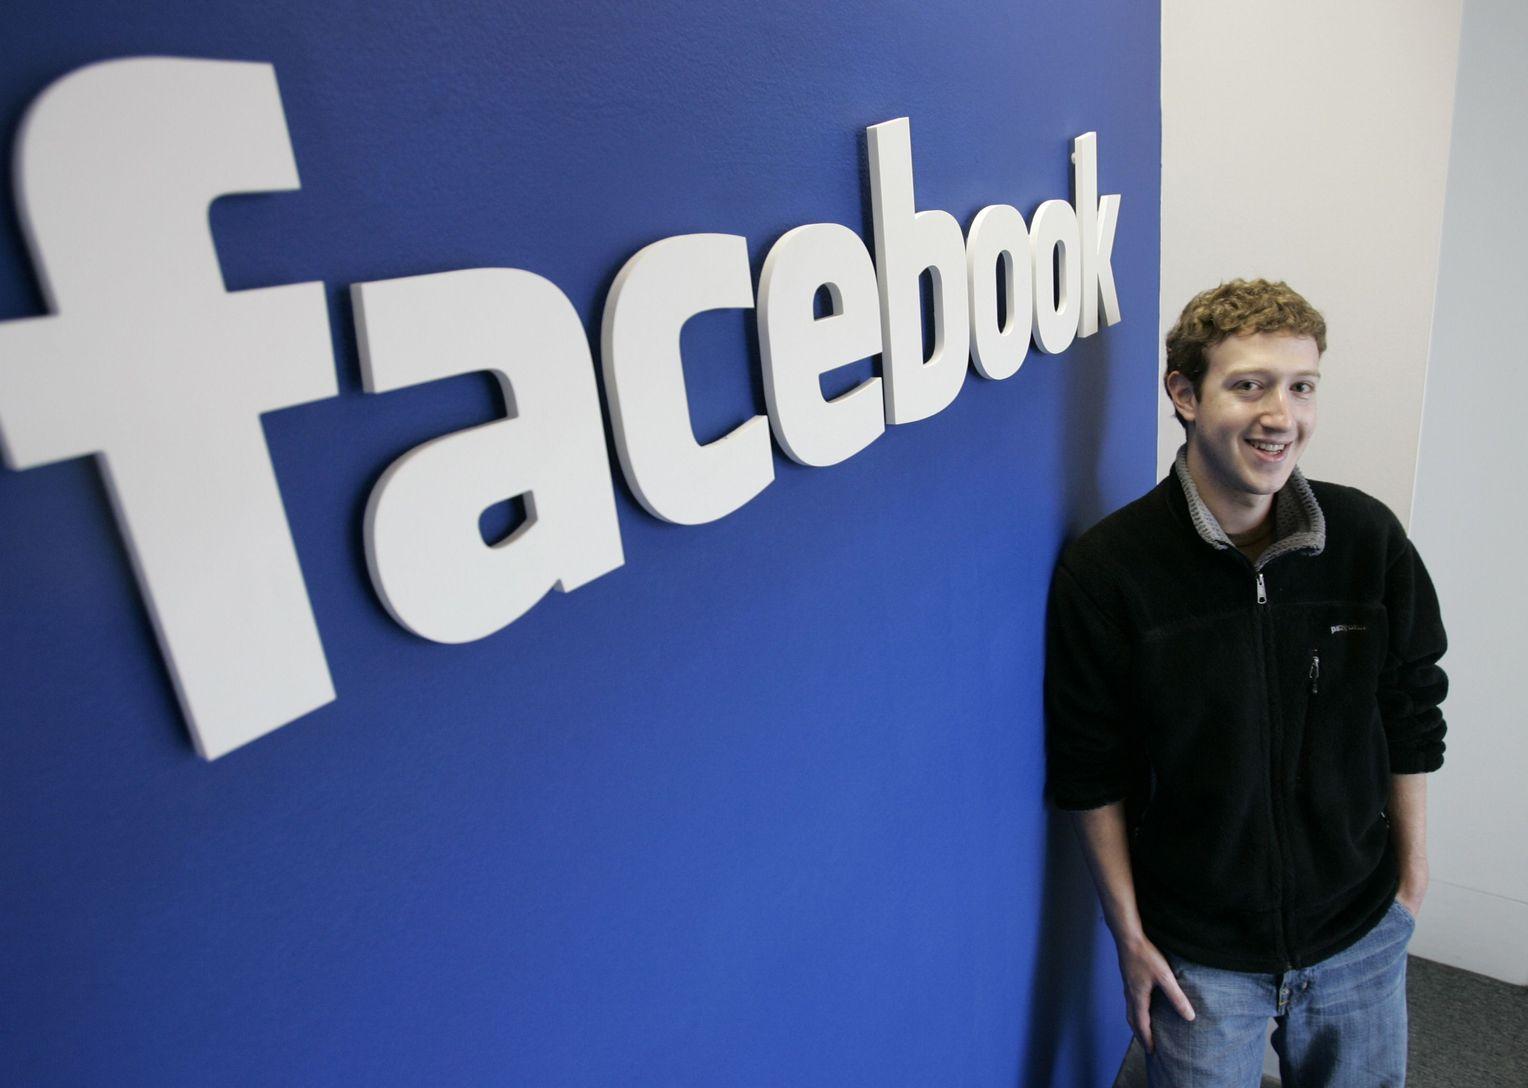 Mark Zuckerberg - Genelde dünyadaki insanlar için iyi şeyler yaparsanız, bunlar size geri döner ve zaman içinde bundan faydalanırsınız diye düşünüyorum.